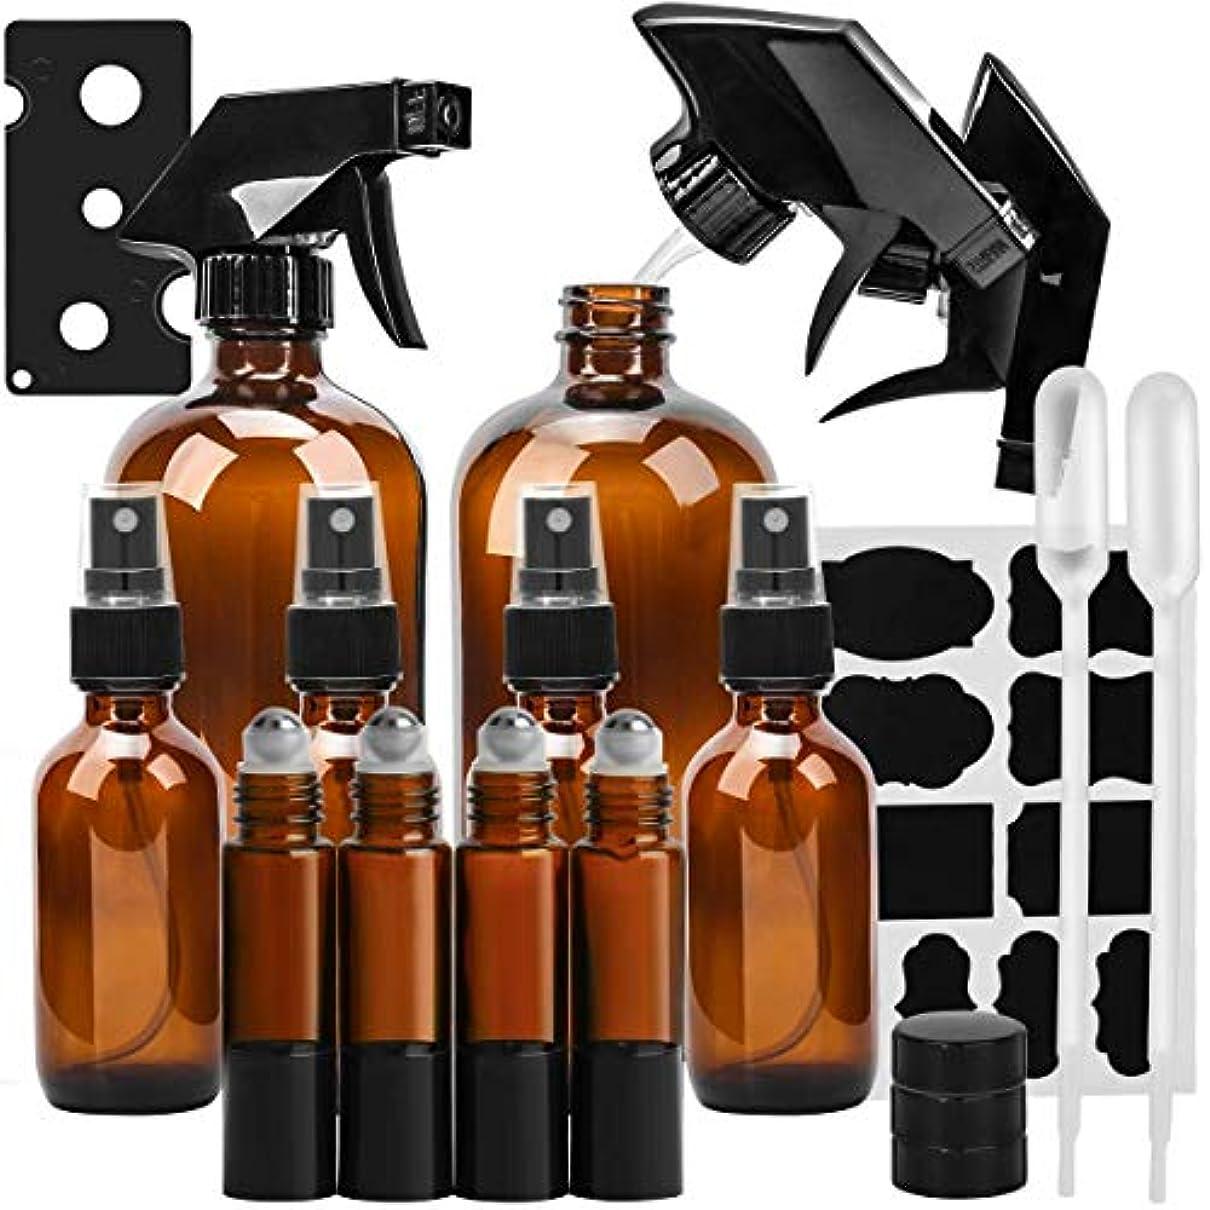 着陸学者ポンプKAMOTA 16オンス×2 2オンス×4 10ミリリットルローラーボトル×4 - 製品やアロマテラピーを清掃エッセンシャルオイル 用 詰め替え容器 セットガラススプレーボトルアンバーガラススプレーボトル アンバー-2